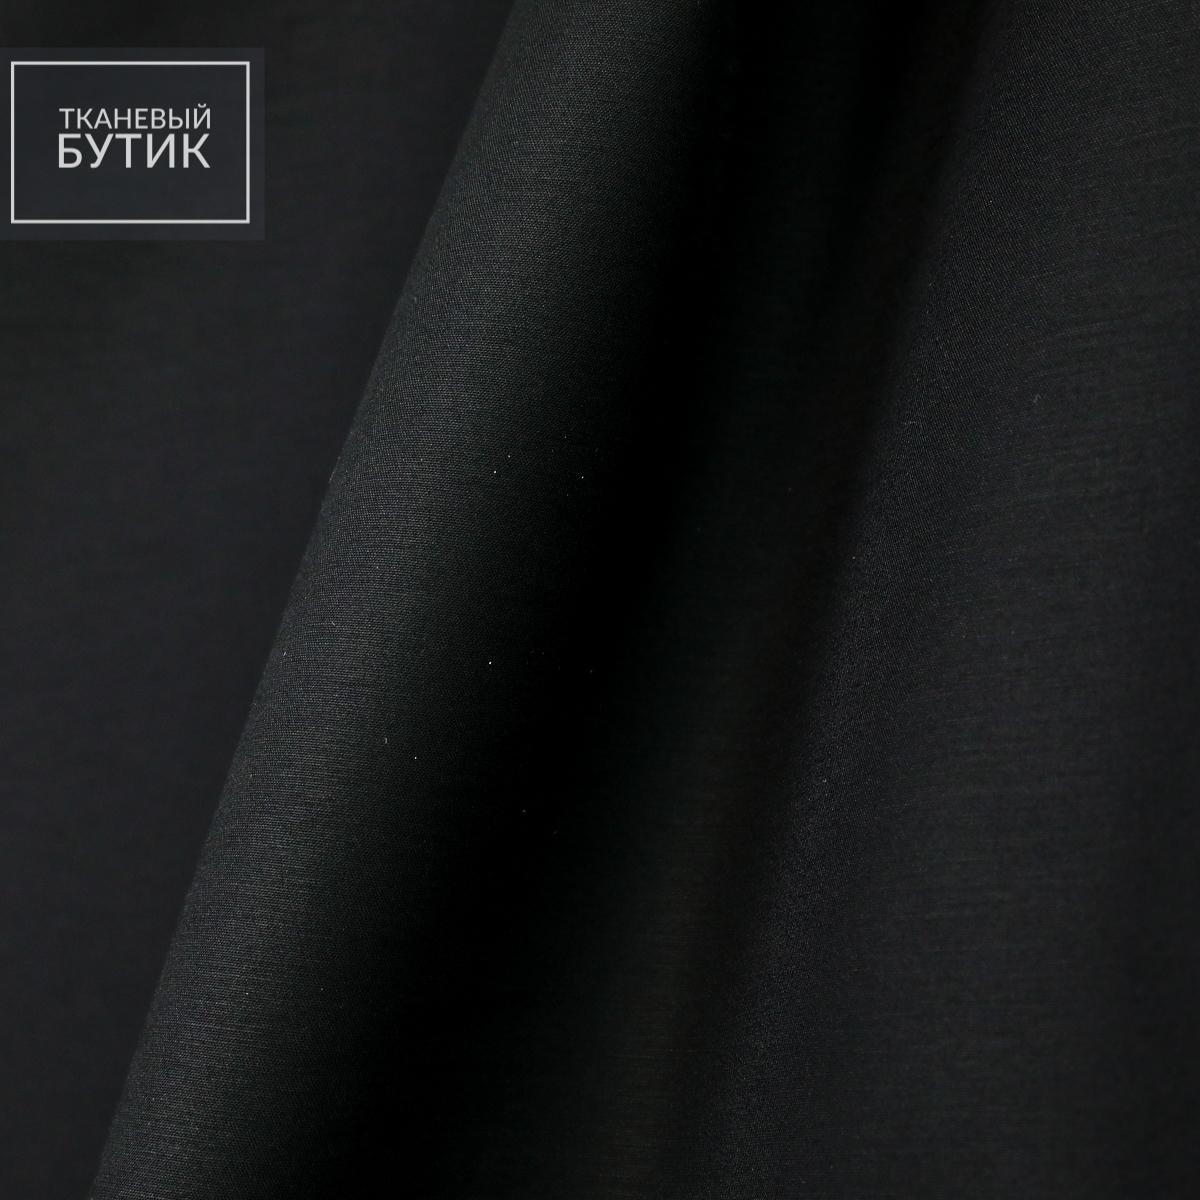 Плотный хлопок с эластаном черного цвета